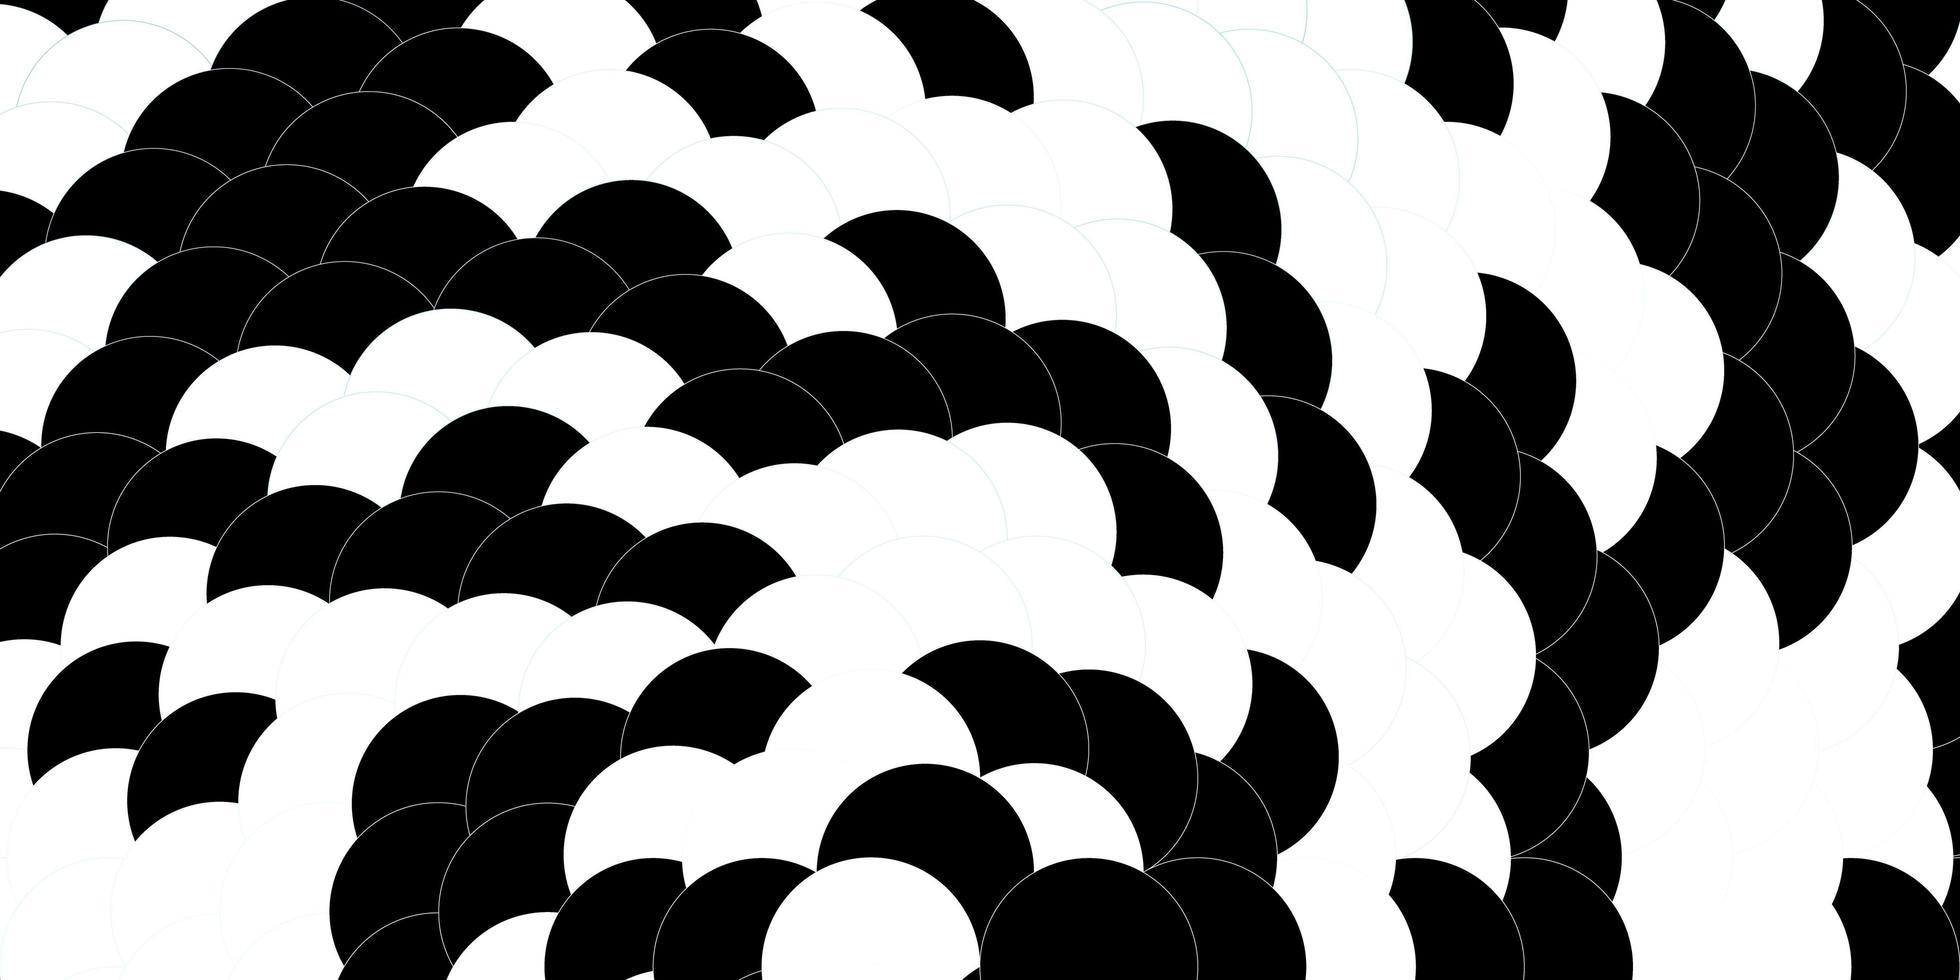 schwarze und blaue Textur mit Scheiben. vektor